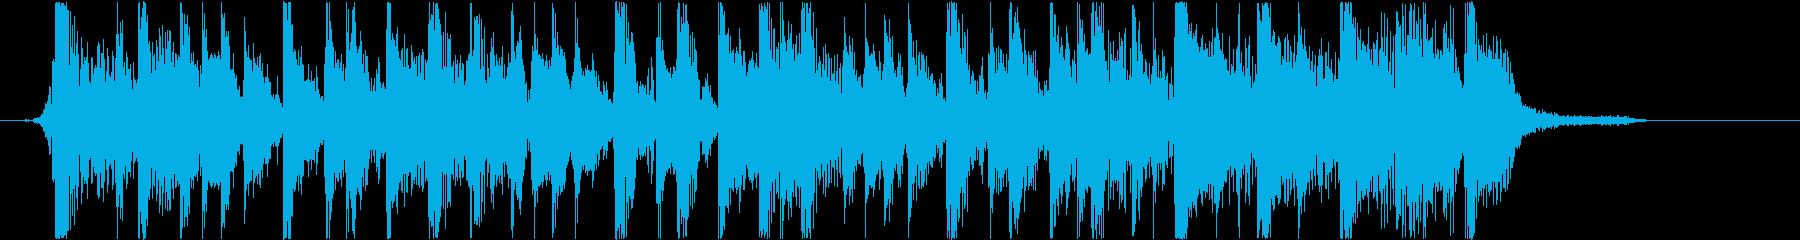 ファンキーなスラップジングル(ハーフ)の再生済みの波形